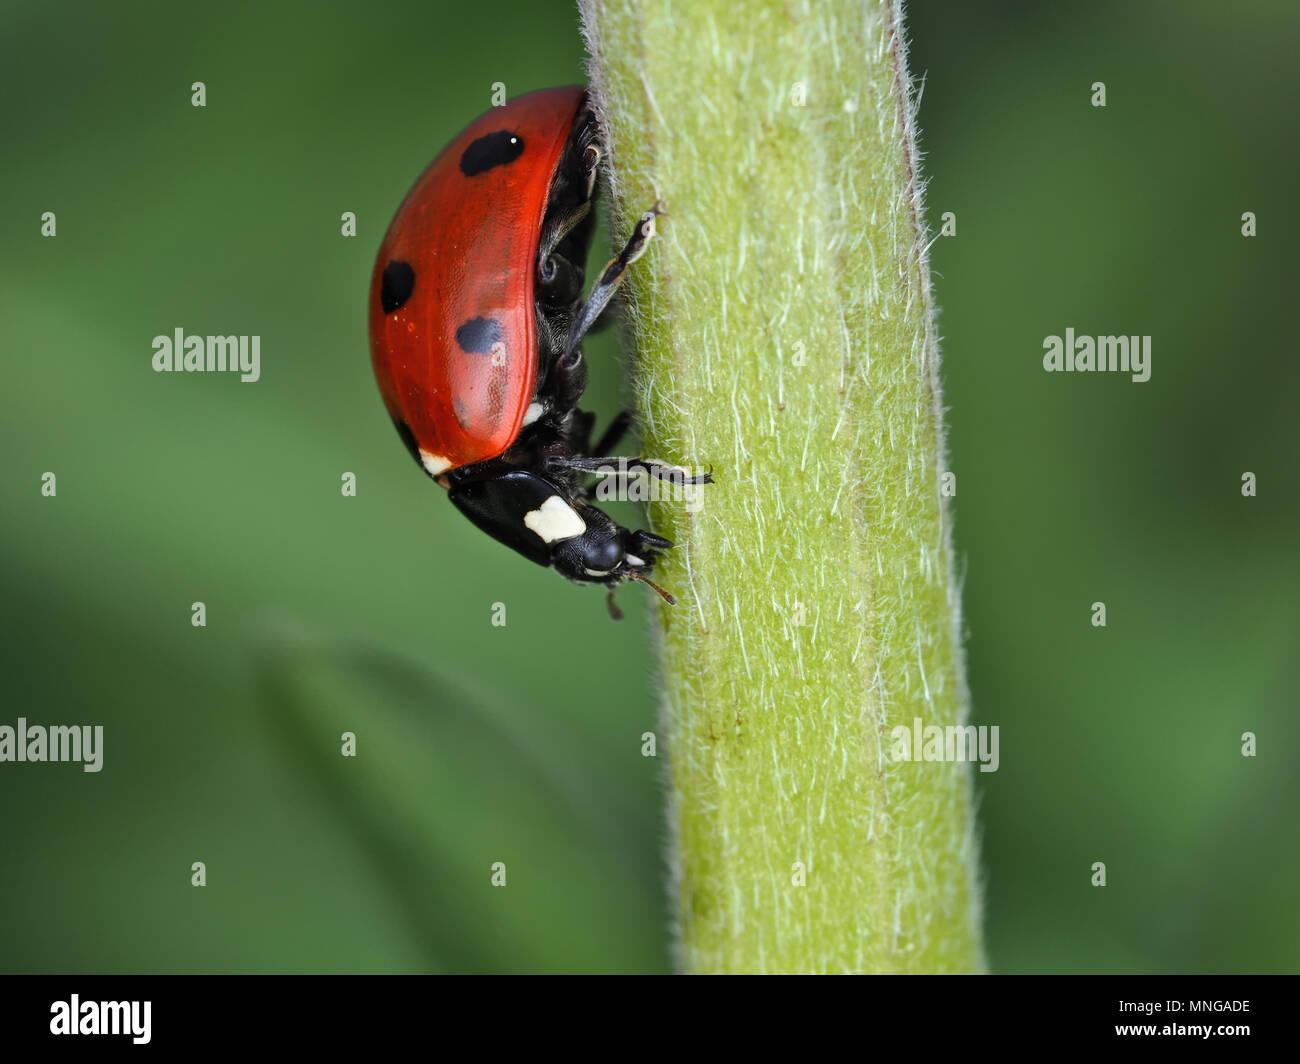 Coccinella septempunctata, les sept-spot ladybird, sur une tige de la plante verte Photo Stock